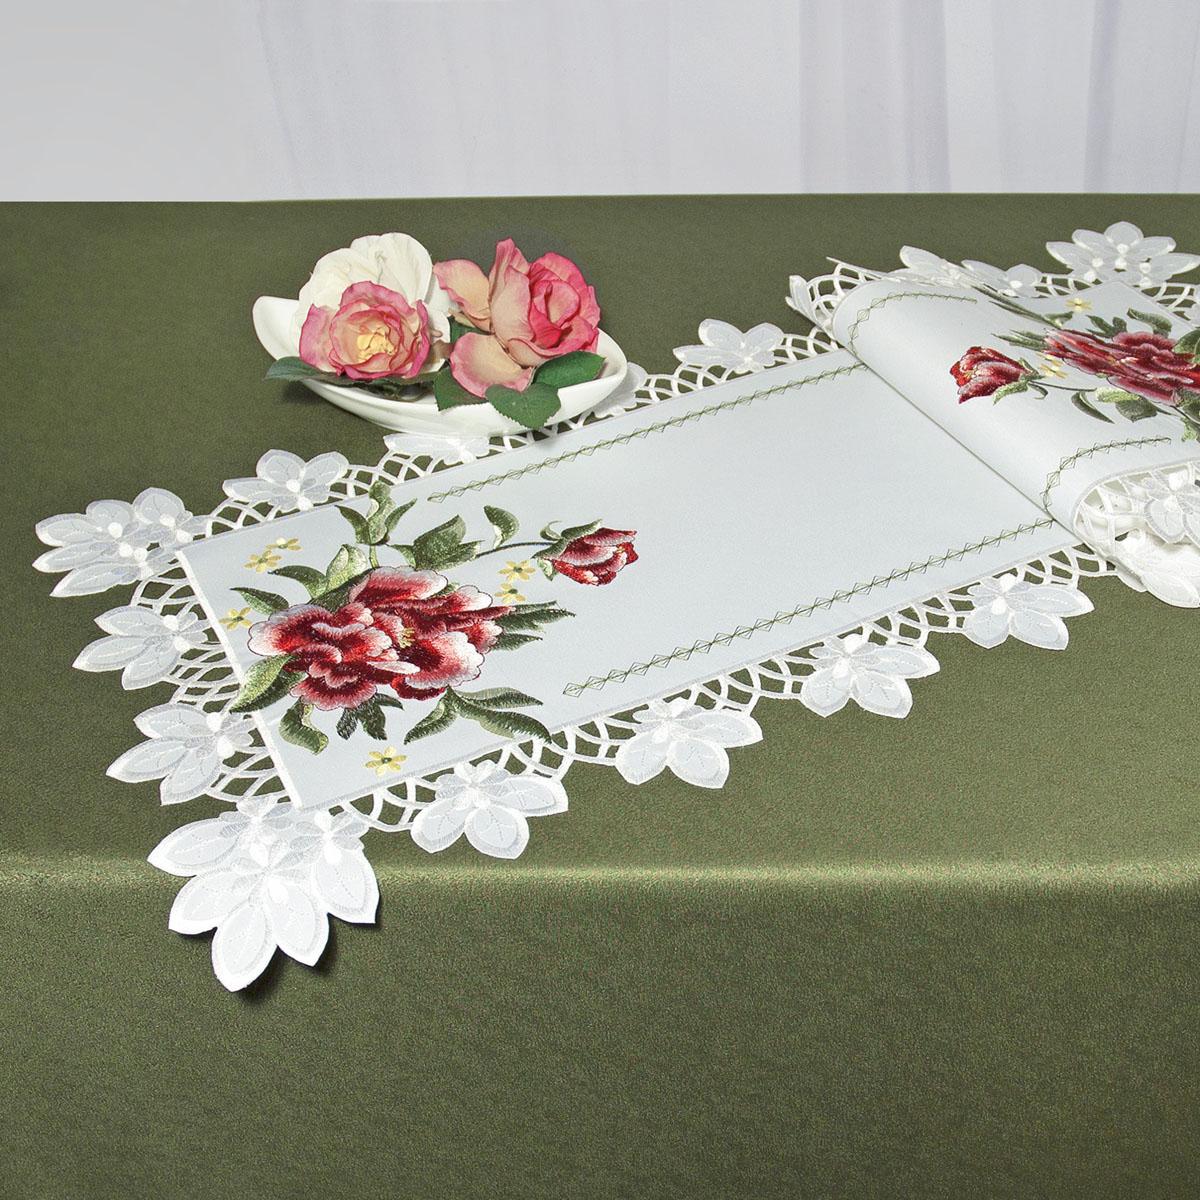 Дорожка для декорирования стола Schaefer, прямоугольная, цвет: белый, красный, 40 x 110 см 07481-23307481-233Дорожка Schaefer выполнена из высококачественного полиэстера и украшена вышитыми рисунками в виде цветов. Края дорожки оформлены в технике ришелье. Вы можете использовать дорожку для декорирования стола, комода или журнального столика. Благодаря такой дорожке вы защитите поверхность мебели от воды, пятен и механических воздействий, а также создадите атмосферу уюта и домашнего тепла в интерьере вашей квартиры. Изделия из искусственных волокон легко стирать: они не мнутся, не садятся и быстро сохнут, они более долговечны, чем изделия из натуральных волокон. Изысканный текстиль от немецкой компании Schaefer - это красота, стиль и уют в вашем доме. Дорожка органично впишется в интерьер любого помещения, а оригинальный дизайн удовлетворит даже самый изысканный вкус. Дарите себе и близким красоту каждый день!